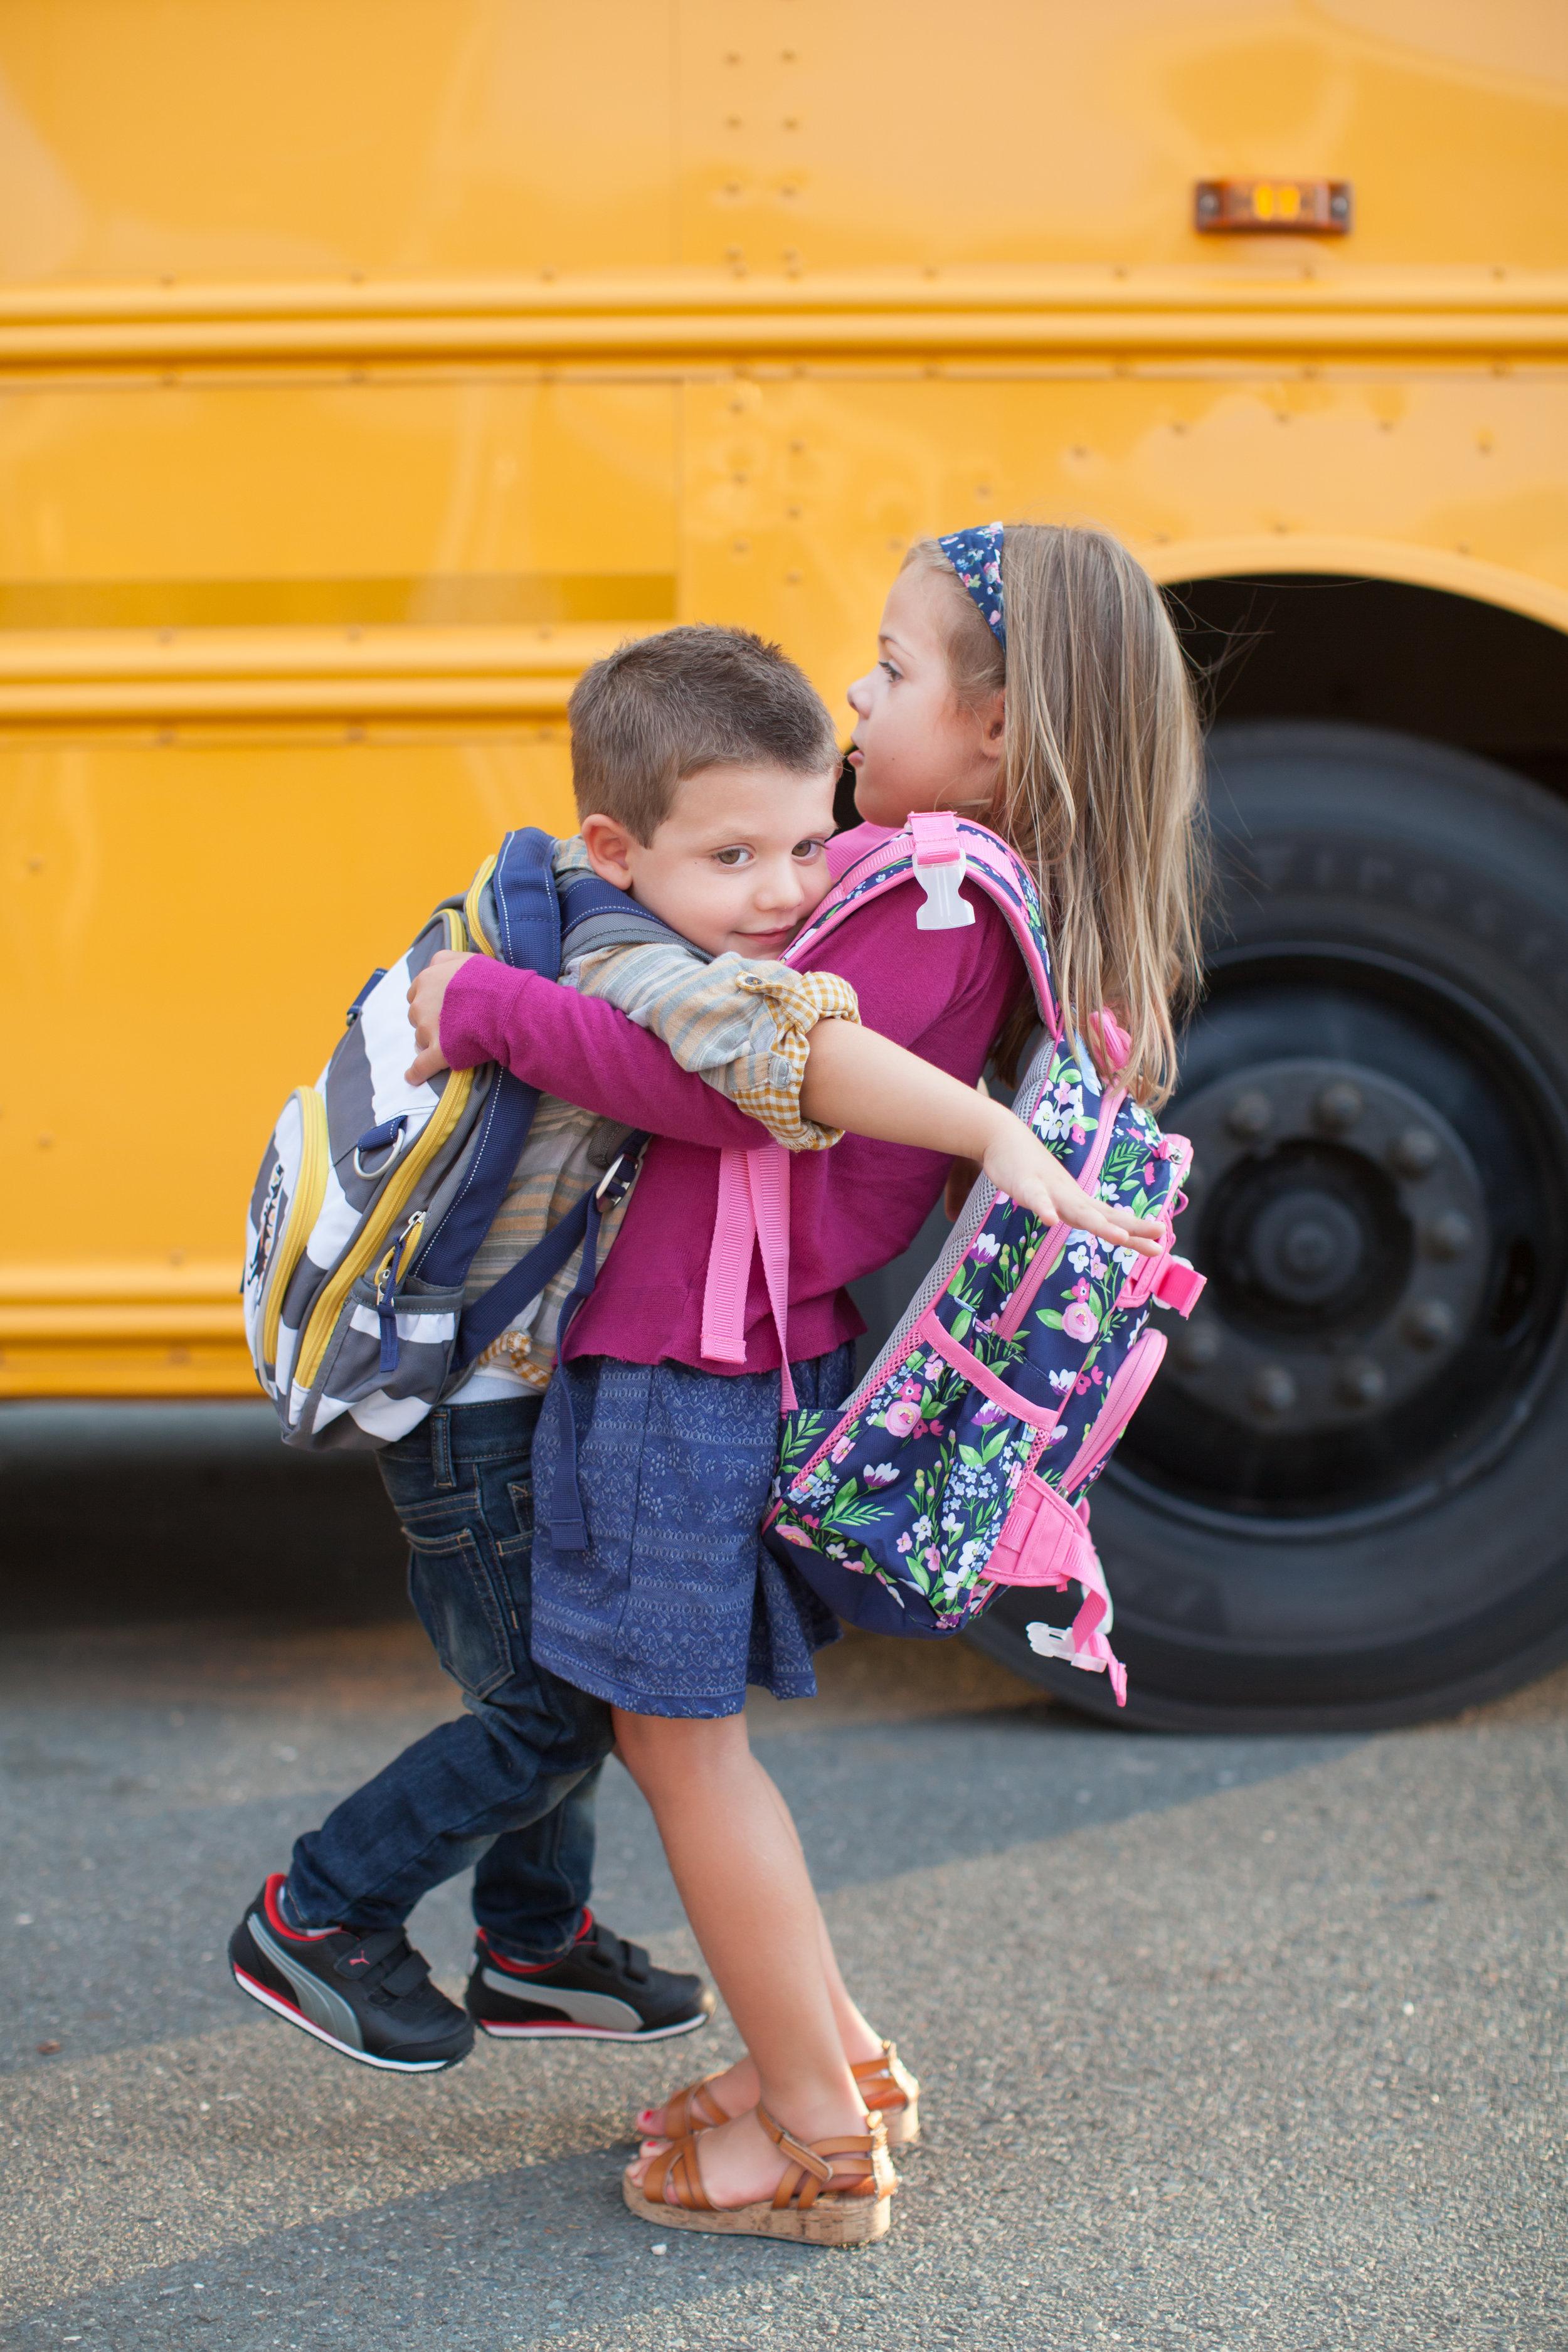 Kaczmarski Back to School 2016-4891.jpg